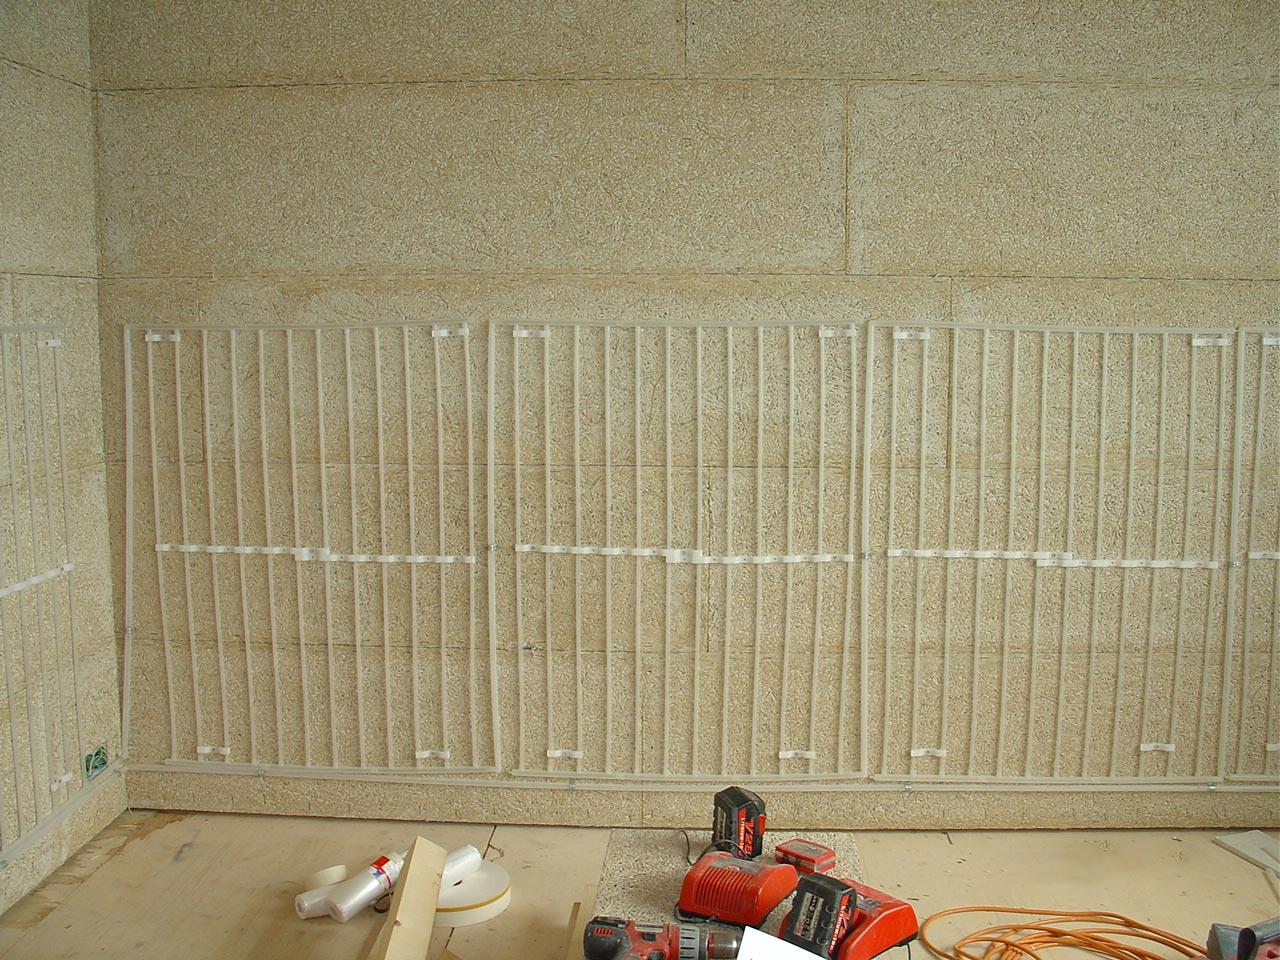 Aus gutem Grund erstelle ich Flächenheizungen nur mit den Tichelmann Elementen aus recyclingbarem Polypropylen aus dem Hause www.egger.ag